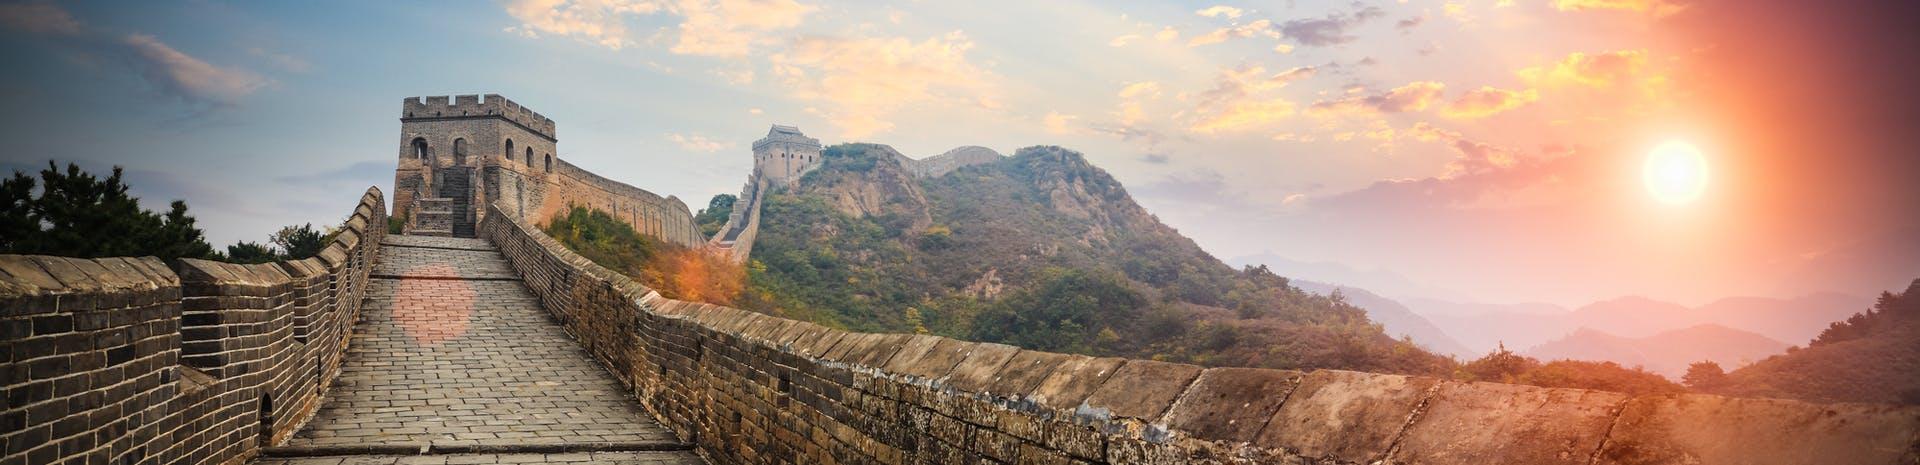 Picture of Dalian